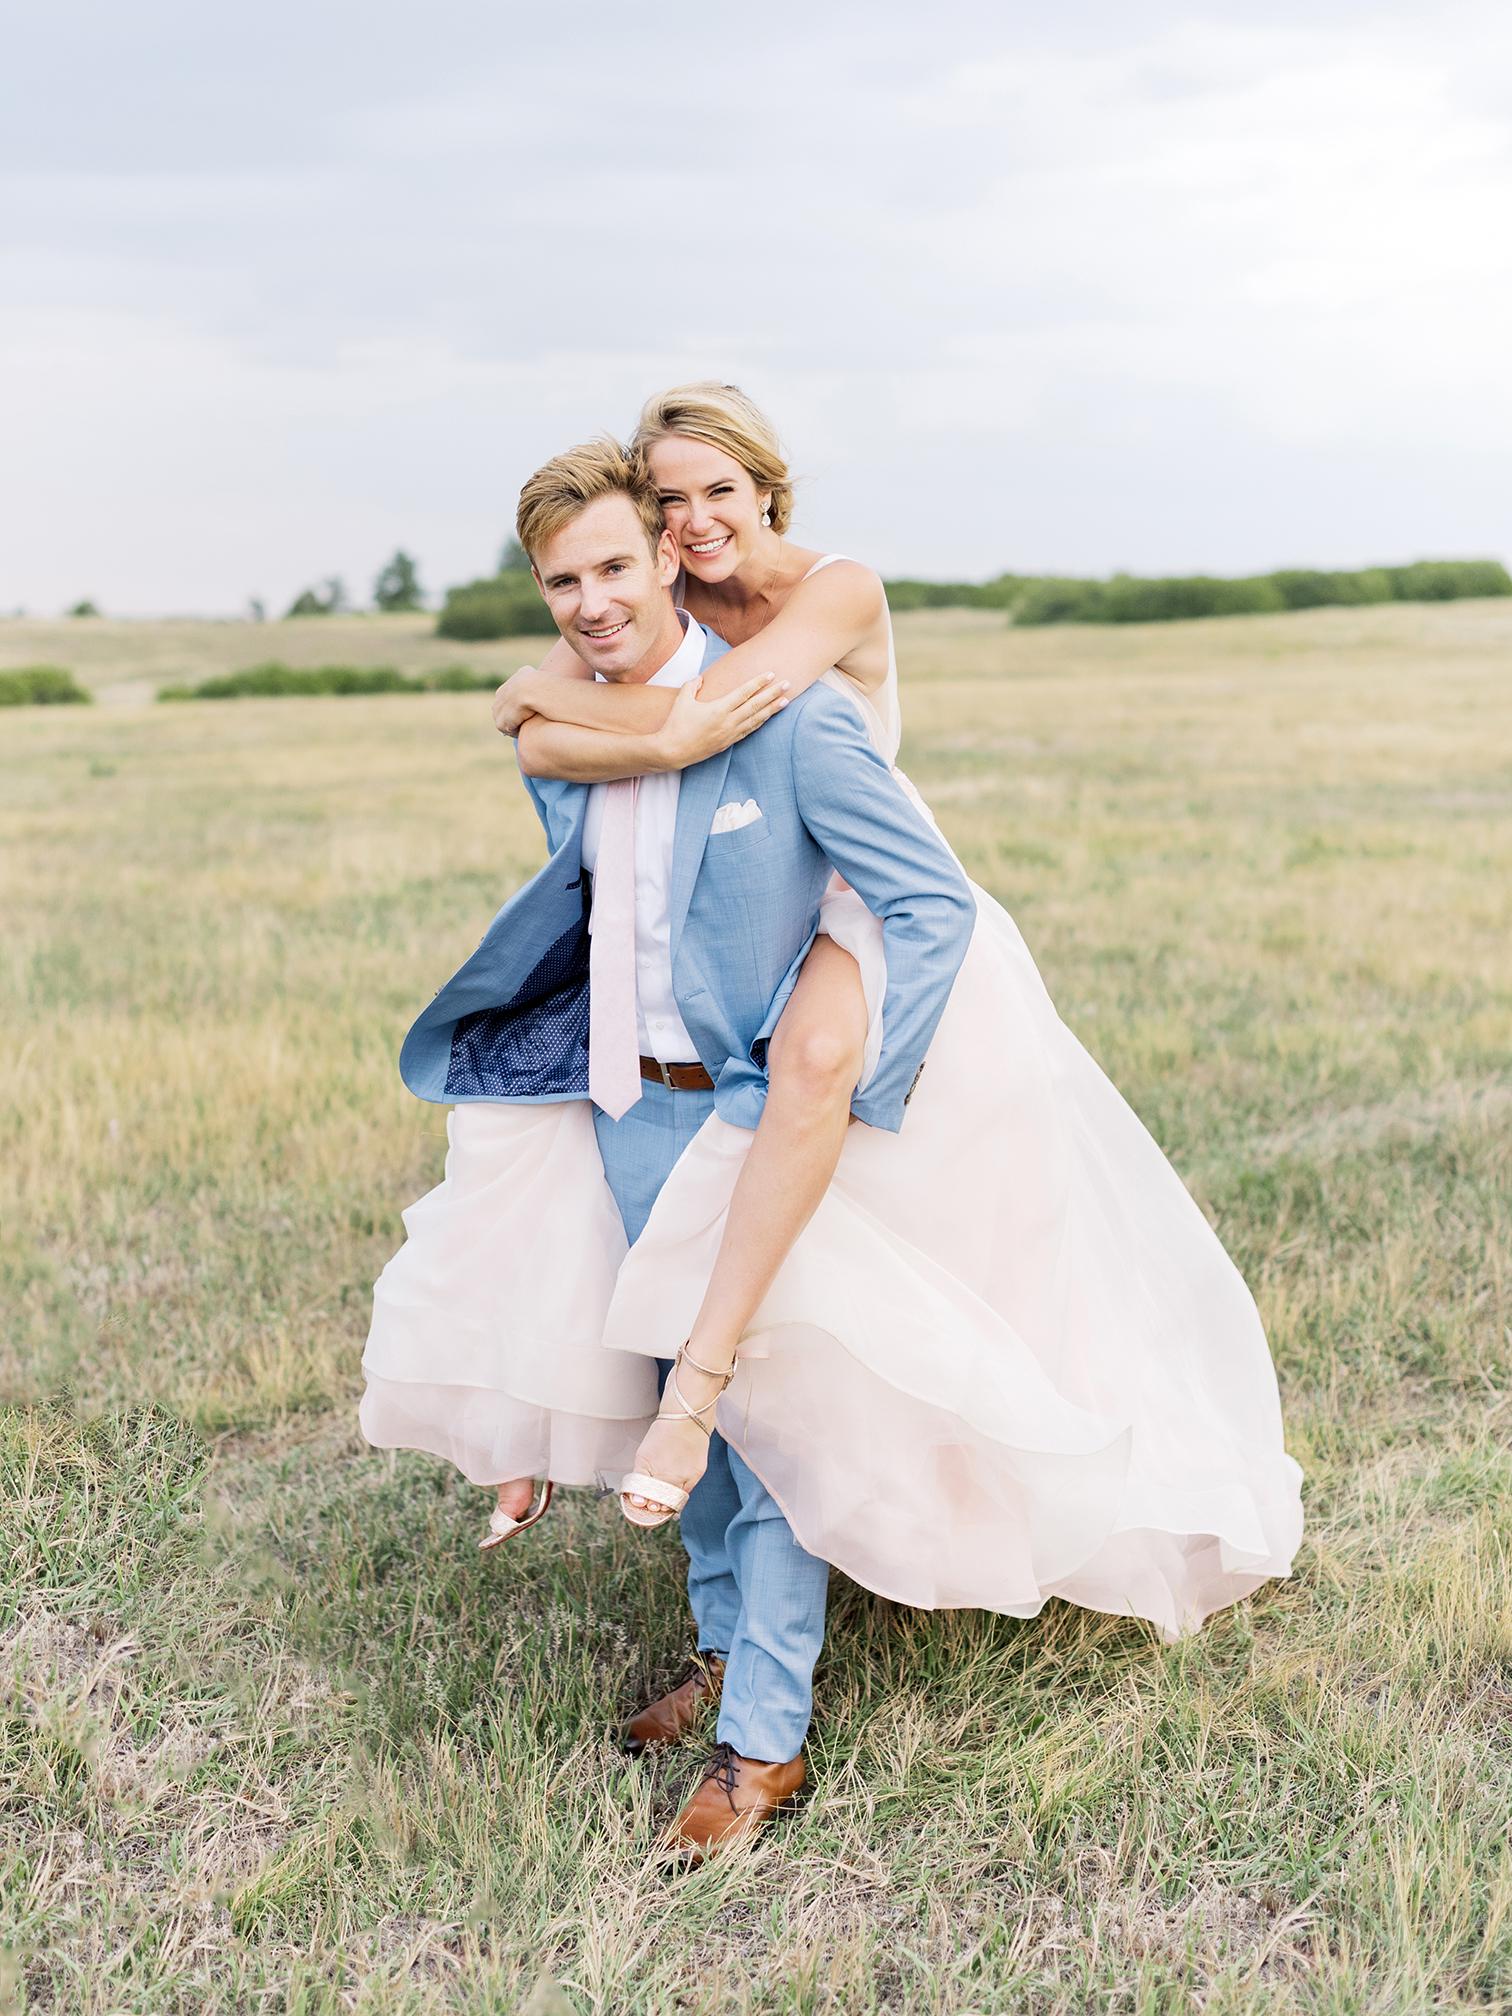 Colorado Wedding Photographers, Mountain Top Ceremonies, Destinations Wedding in Colorado, Bride and Grooms Photos, Pink Wedding Dress, Best Wedding Photos in Colorado